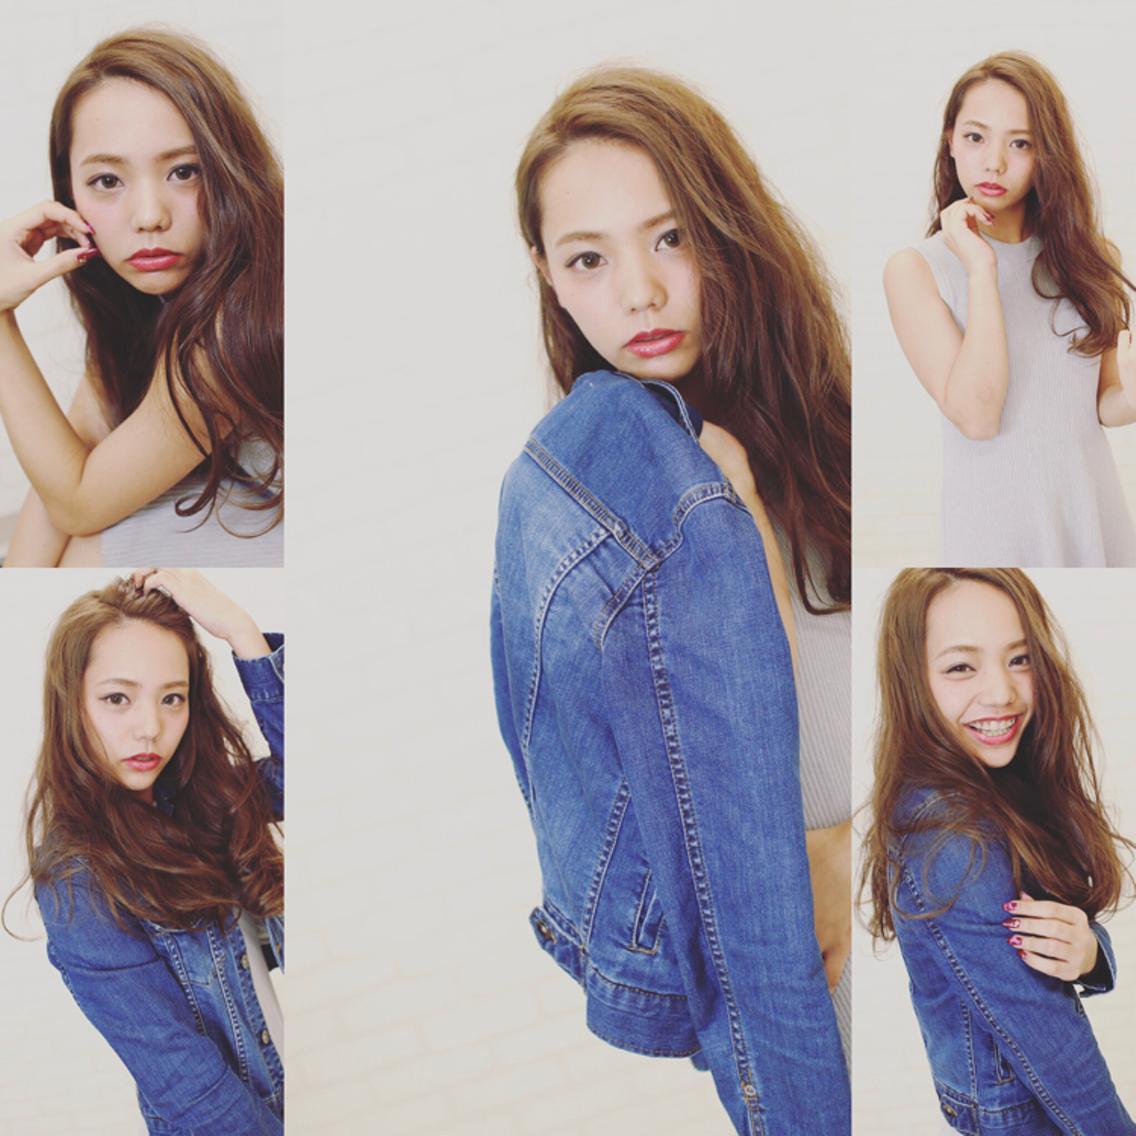 撮影モデルさん募集中☆可愛いスタイル写真を撮らせて下さい